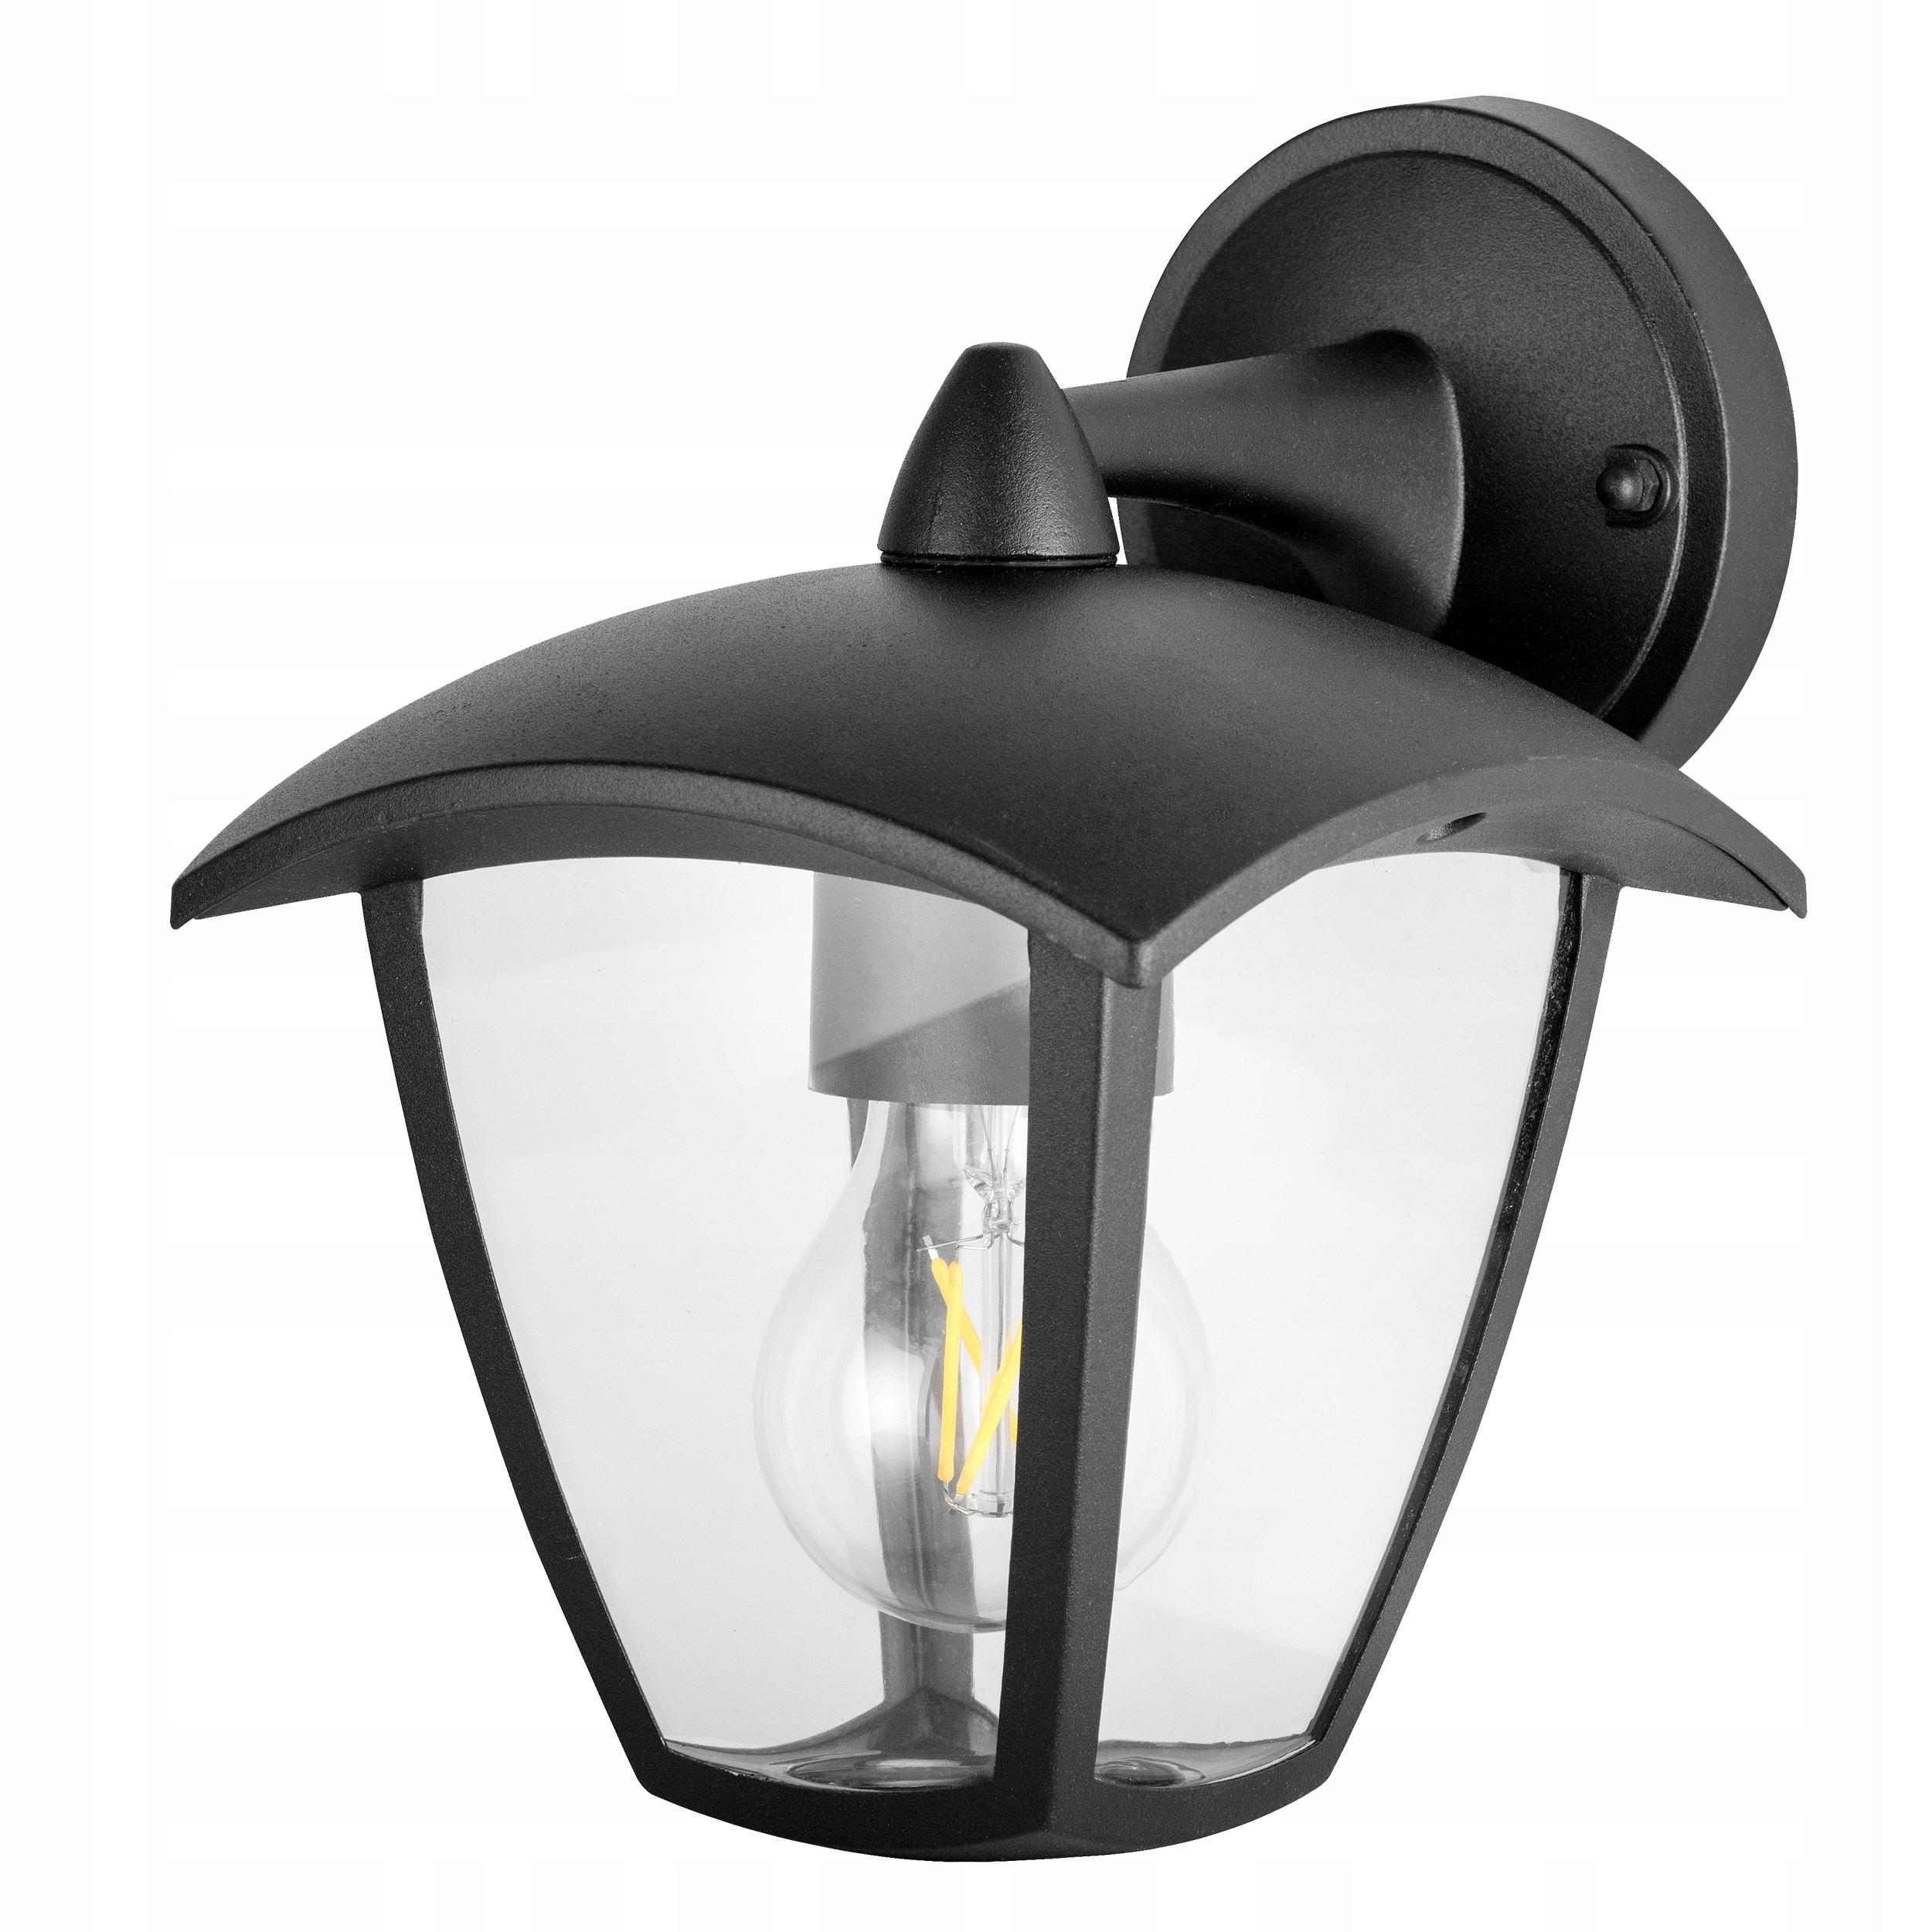 Lampy Záhradné Lampy Vonkajšie Nižšie BLACK LED